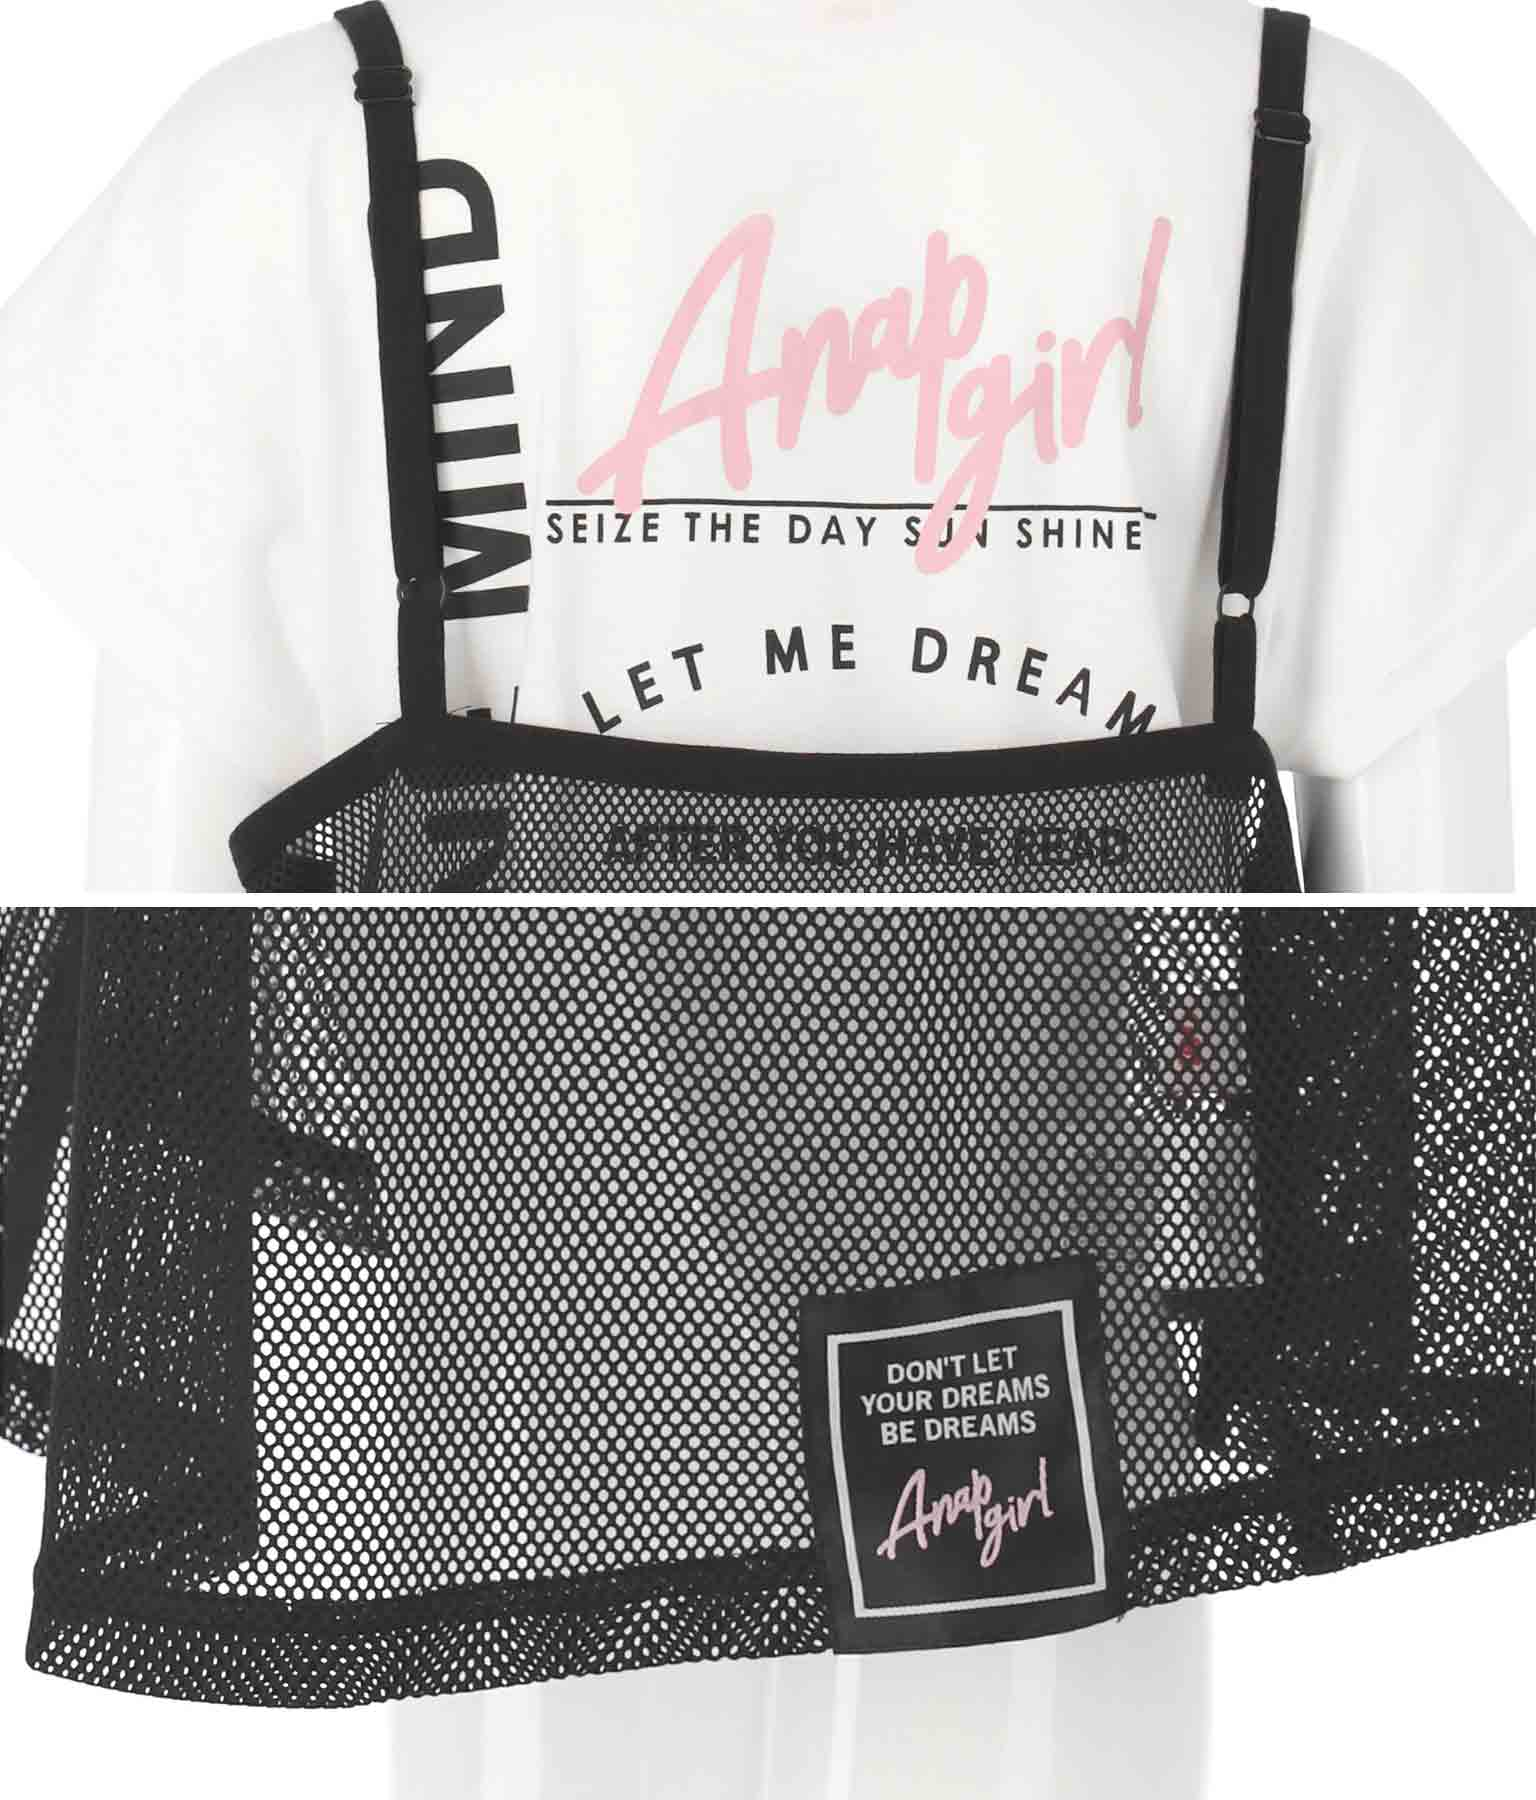 キャミソールメッシュワンピースセット(トップス/Tシャツ・チュニック・ミディアムワンピ・ミニワンピ) | ANAP GiRL